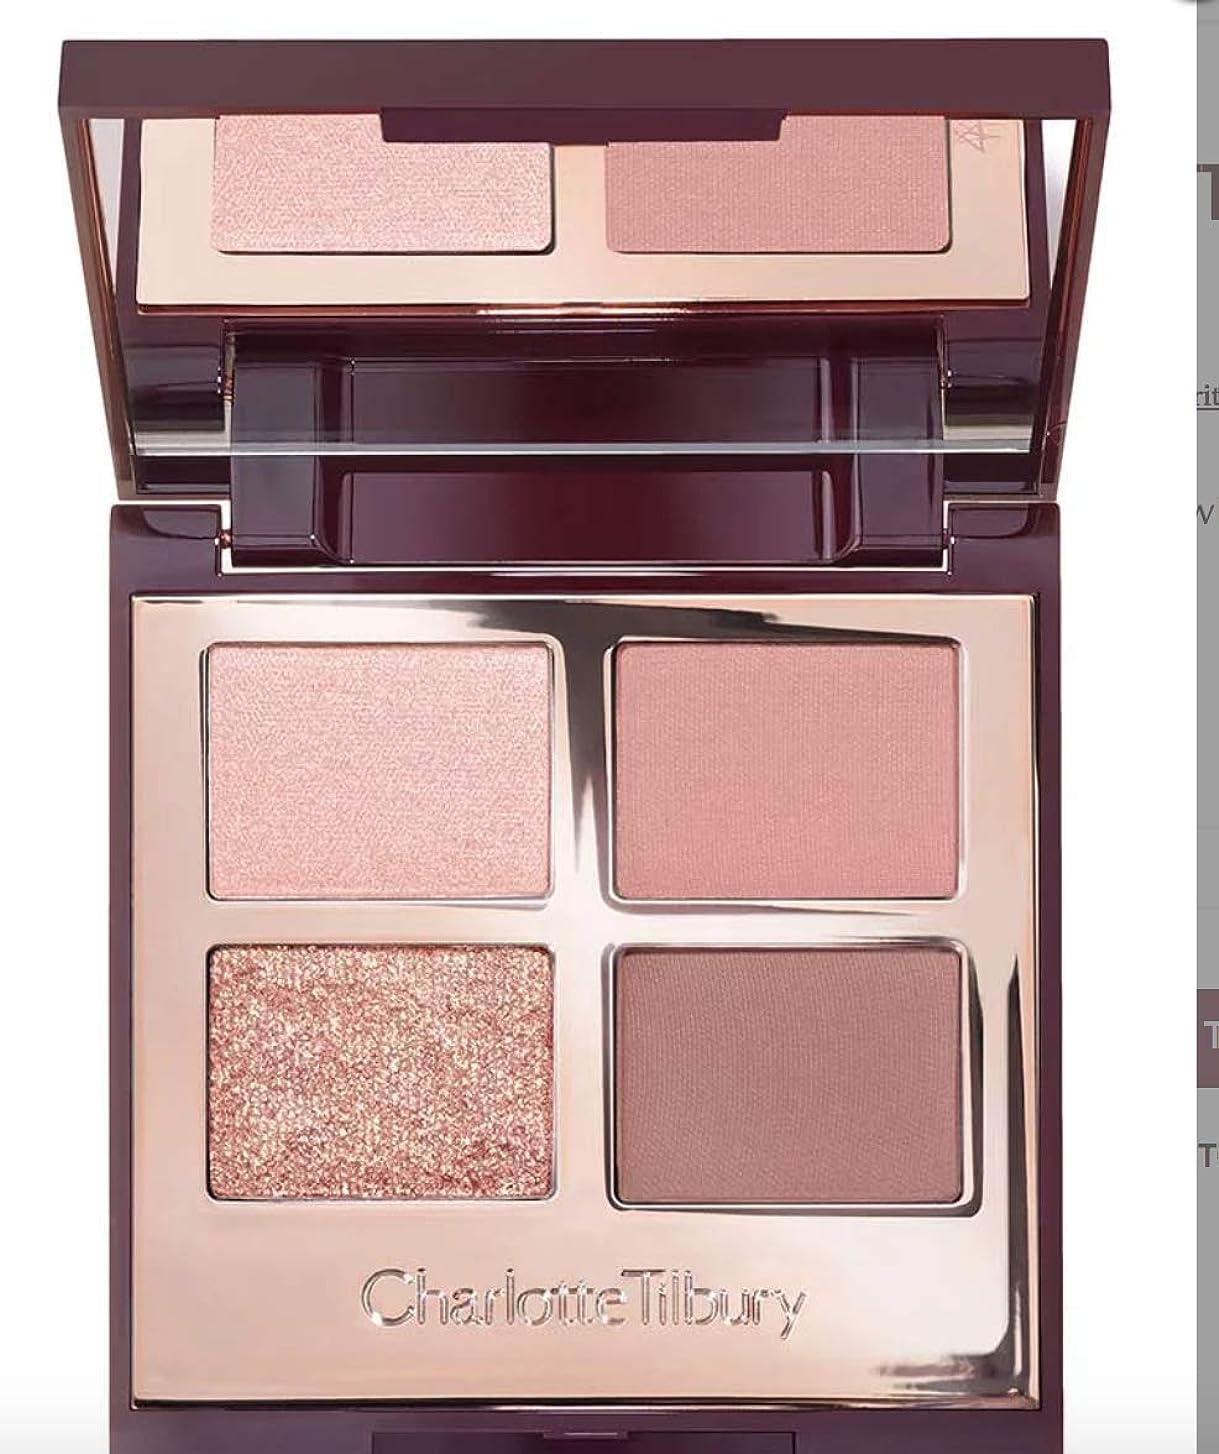 淡い長さ防腐剤Charlotte Tilbury Pillow Talk Eye shadow Luxury Palette シャーロットティルバリー